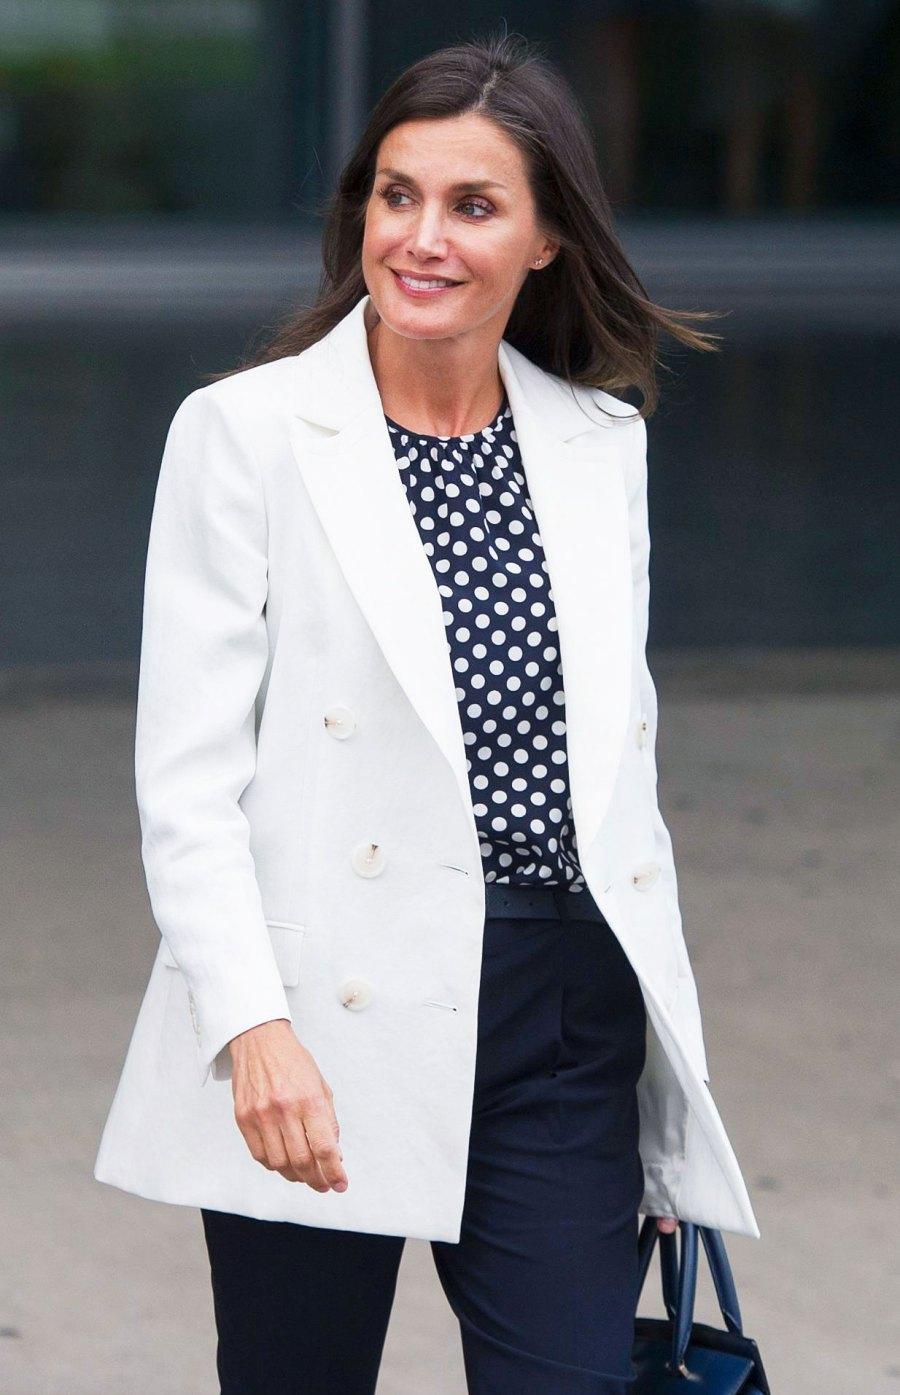 Queen Letizia White Coat August 25, 2019